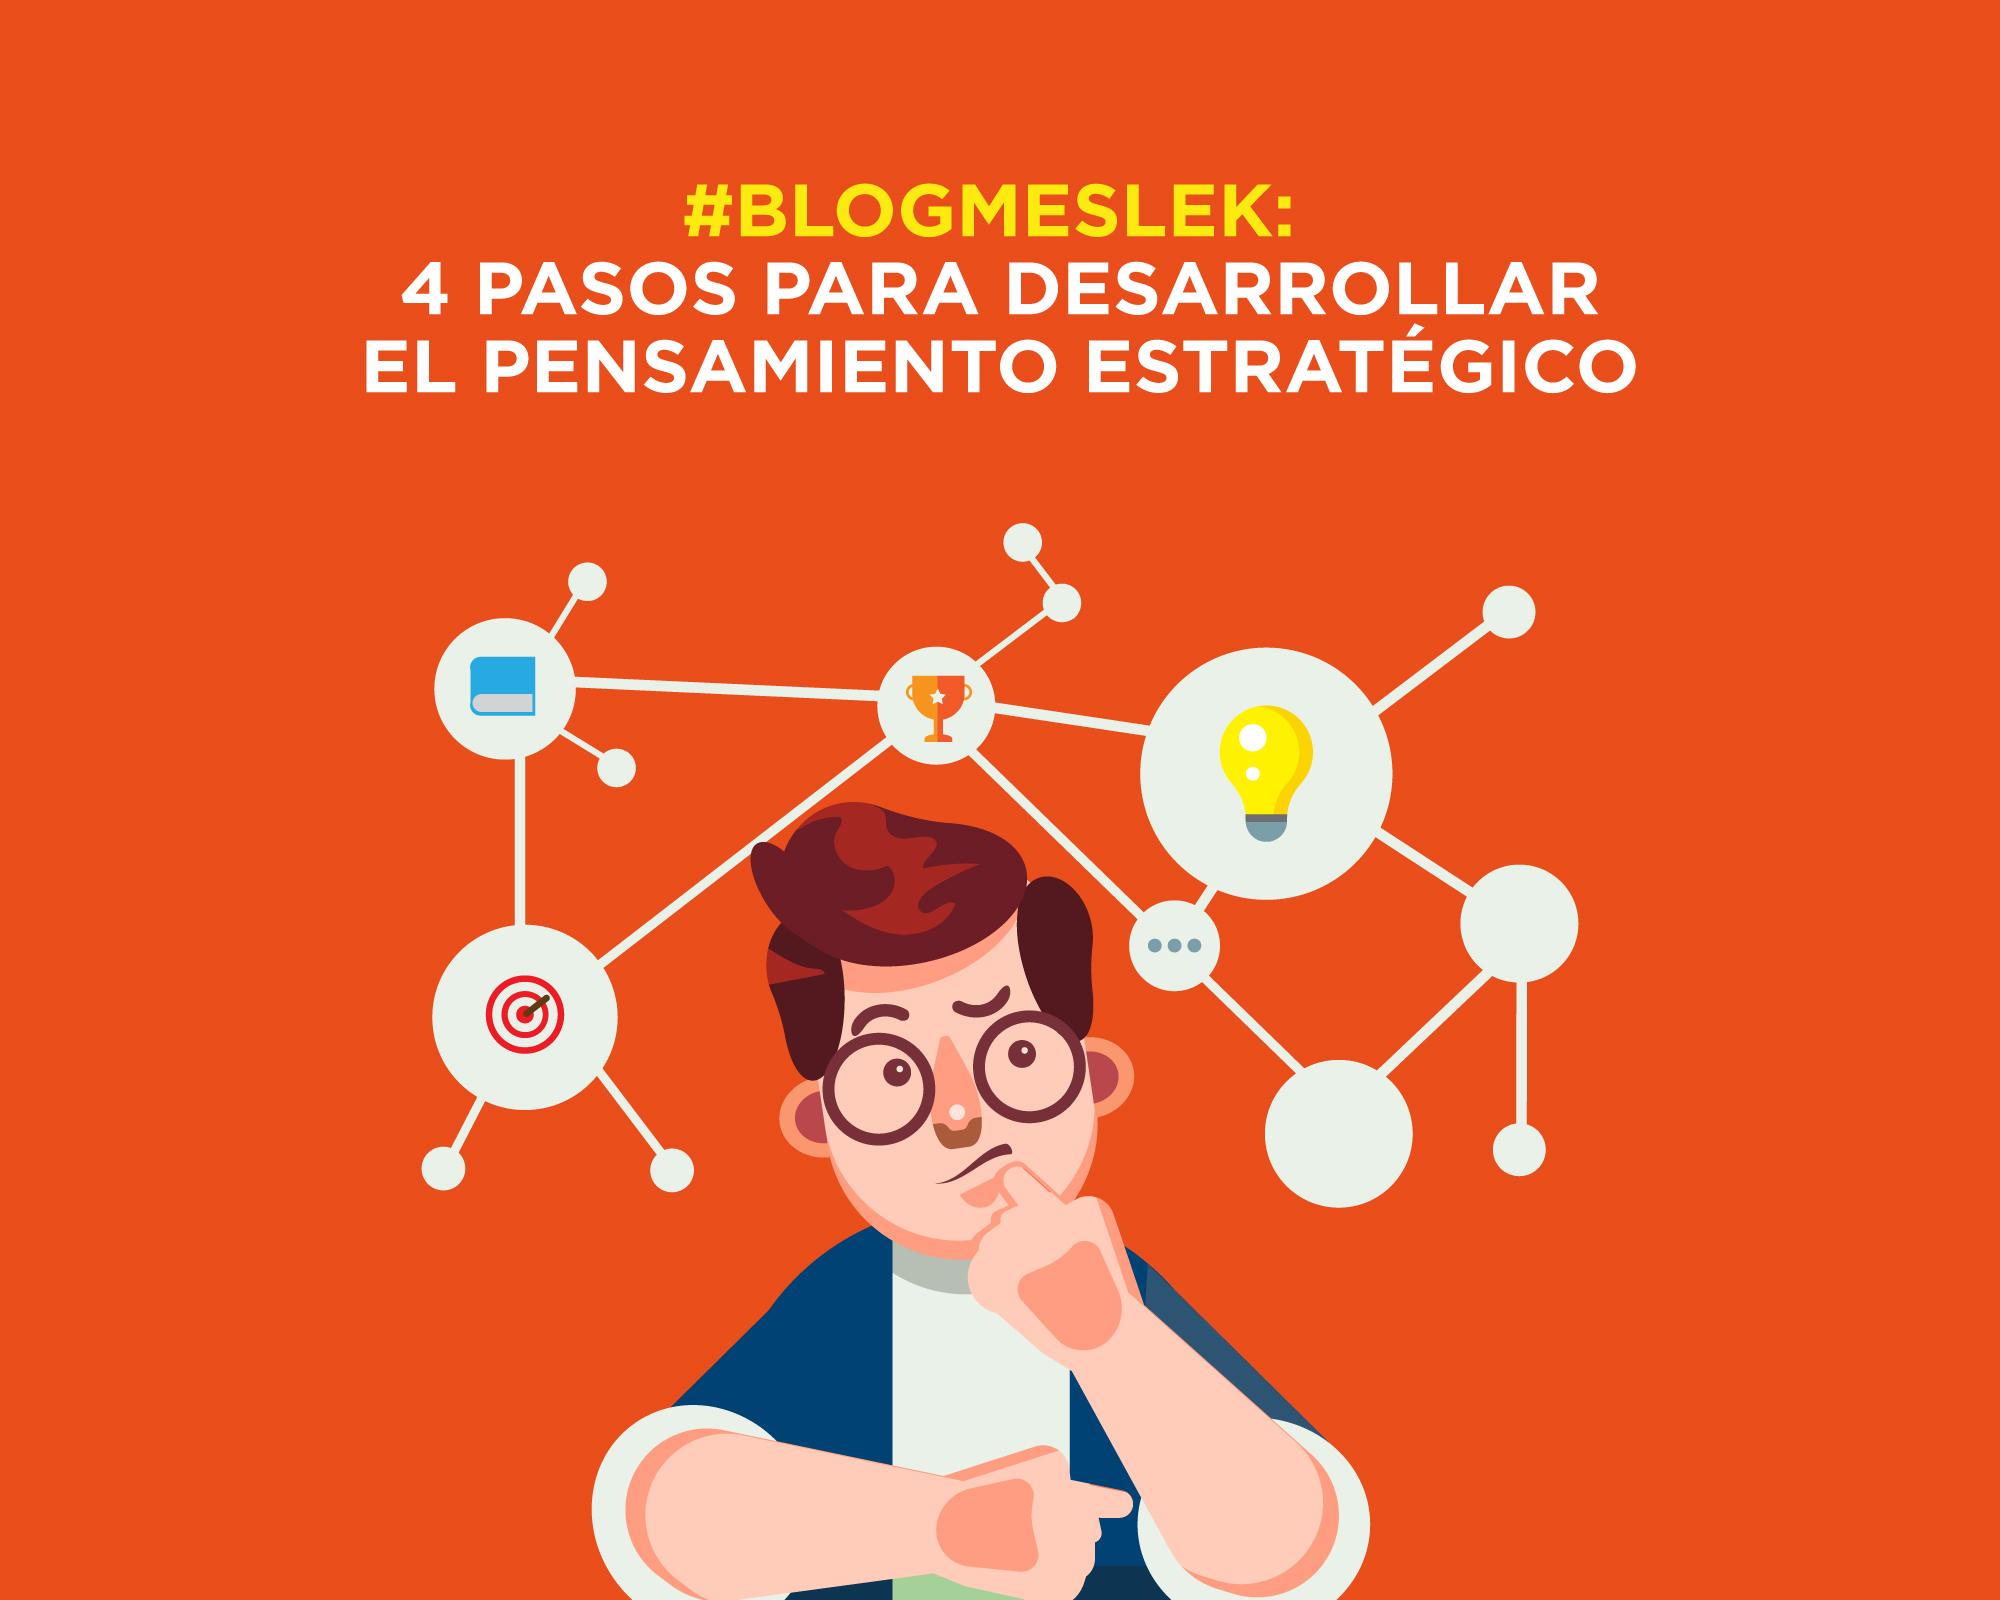 #BlogMeslek 4 Pasos para desarrollar el pensamiento estratégico.